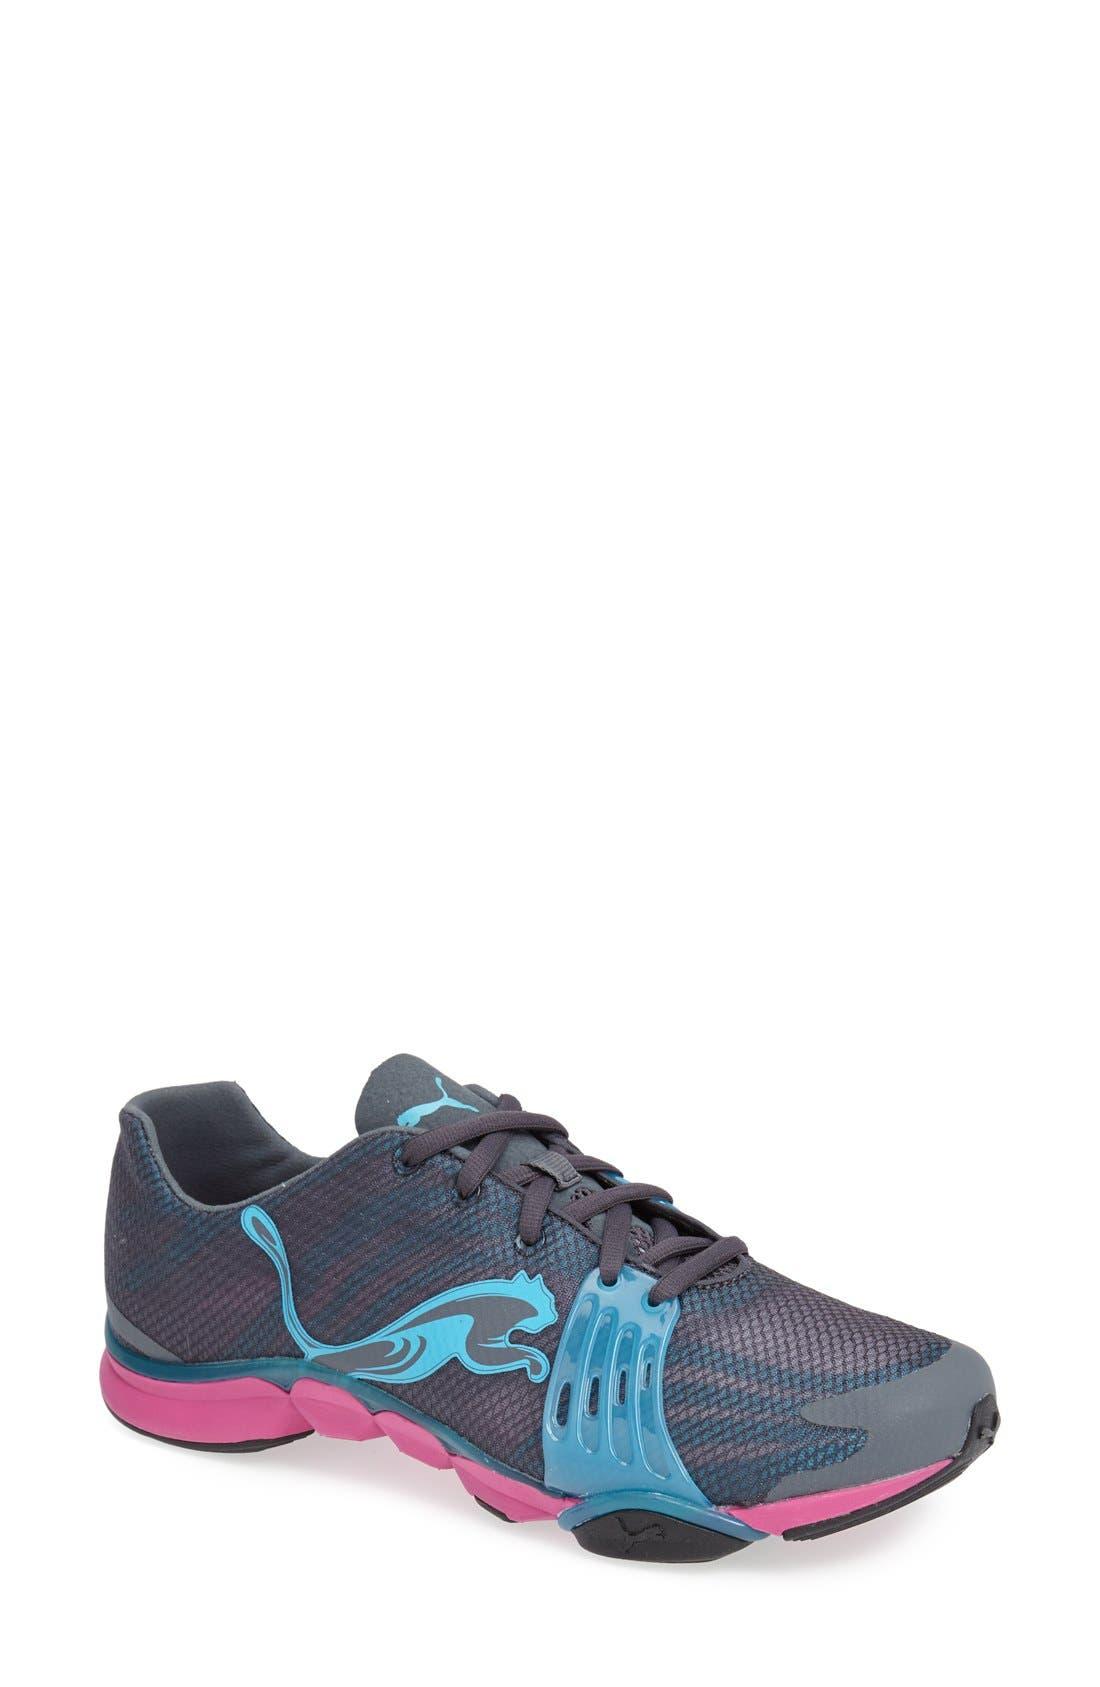 Main Image - PUMA 'Mobium XT' Training Shoe (Women)